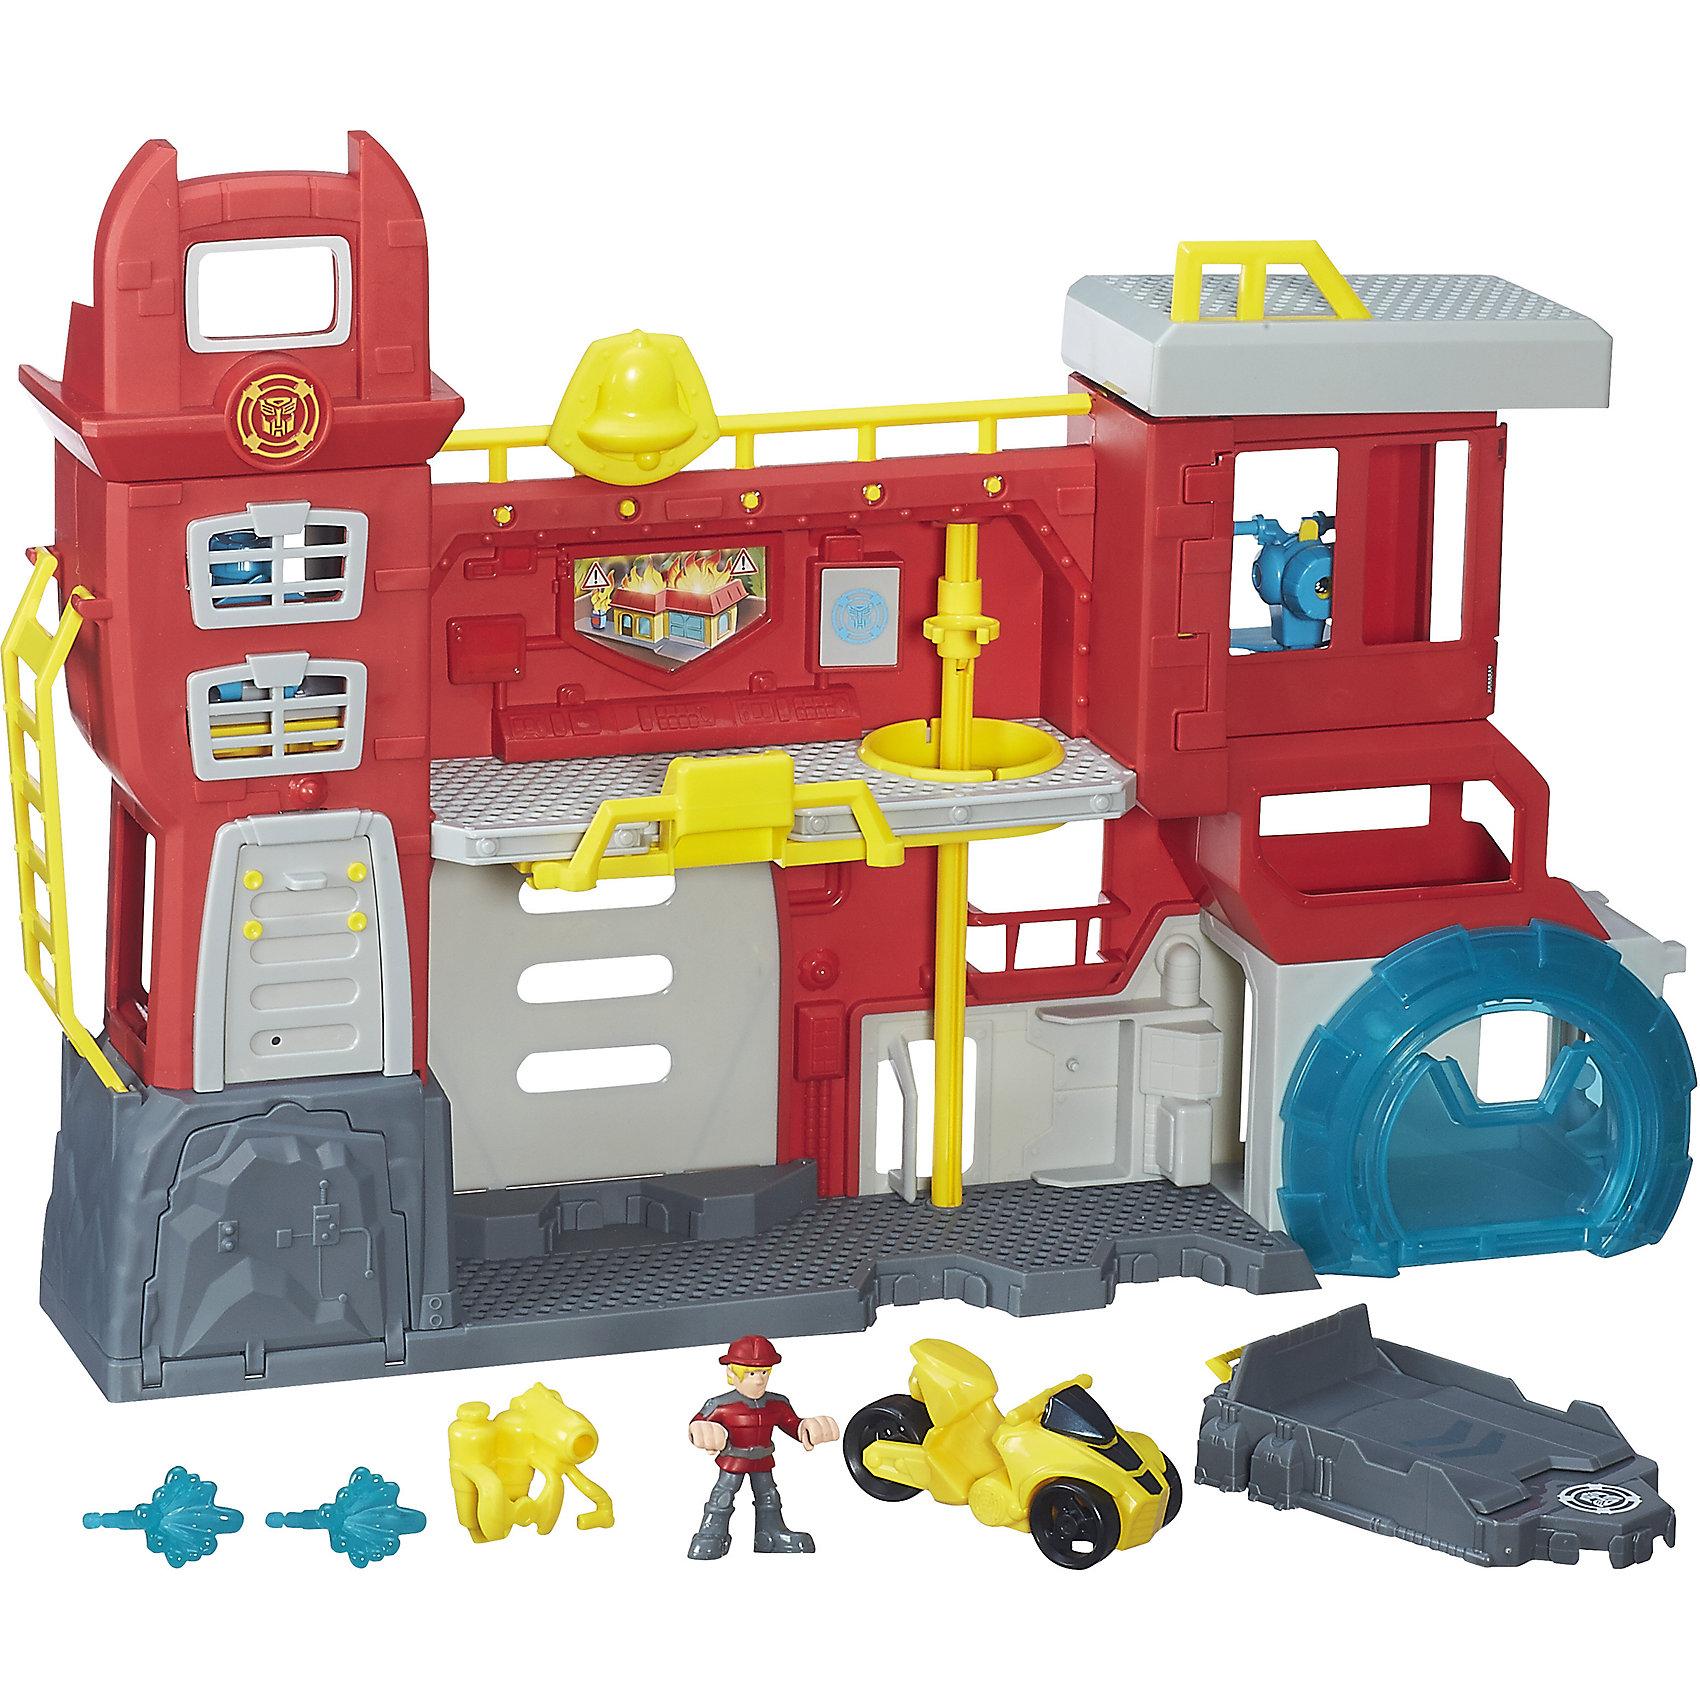 Трансформеры спасатели Штаб Спасателей, Playskool heroes, HasbroИдеи подарков<br>Характеристики товара:<br><br>• возраст от 3 лет;<br>• материал: пластик;<br>• в комплекте: штаб, 2 фигурки, машина;<br>• размер штаба 52,5х30,5х6,8 см;<br>• размер упаковки 57,8х21,9х42,2 см;<br>• вес упаковки 1,66 кг;<br>• страна производитель: Китай.<br><br>Игровой набор «Трансформеры-спасатели: Штаб спасателей» Playskool heroes Hasbro создан по мотивам мультсериала «Трансформеры: роботы-спасатели». Он представляет собой настоящий штаб спасателей с пожарной станцией и насосом для тушения пожаров. На второй этаж можно добраться по приставной лестницы, а спуститься быстро по шесту. Наверху имеется площадка для посадки вертолета. В процессе игры мальчишки могут воспроизводить сценки из мультфильма или придумывать свои собственные истории.<br><br>Игровой набор «Трансформеры-спасатели: Штаб спасателей» Playskool heroes Hasbro можно приобрести в нашем интернет-магазине.<br><br>Ширина мм: 578<br>Глубина мм: 219<br>Высота мм: 422<br>Вес г: 1665<br>Возраст от месяцев: 36<br>Возраст до месяцев: 84<br>Пол: Мужской<br>Возраст: Детский<br>SKU: 5622046